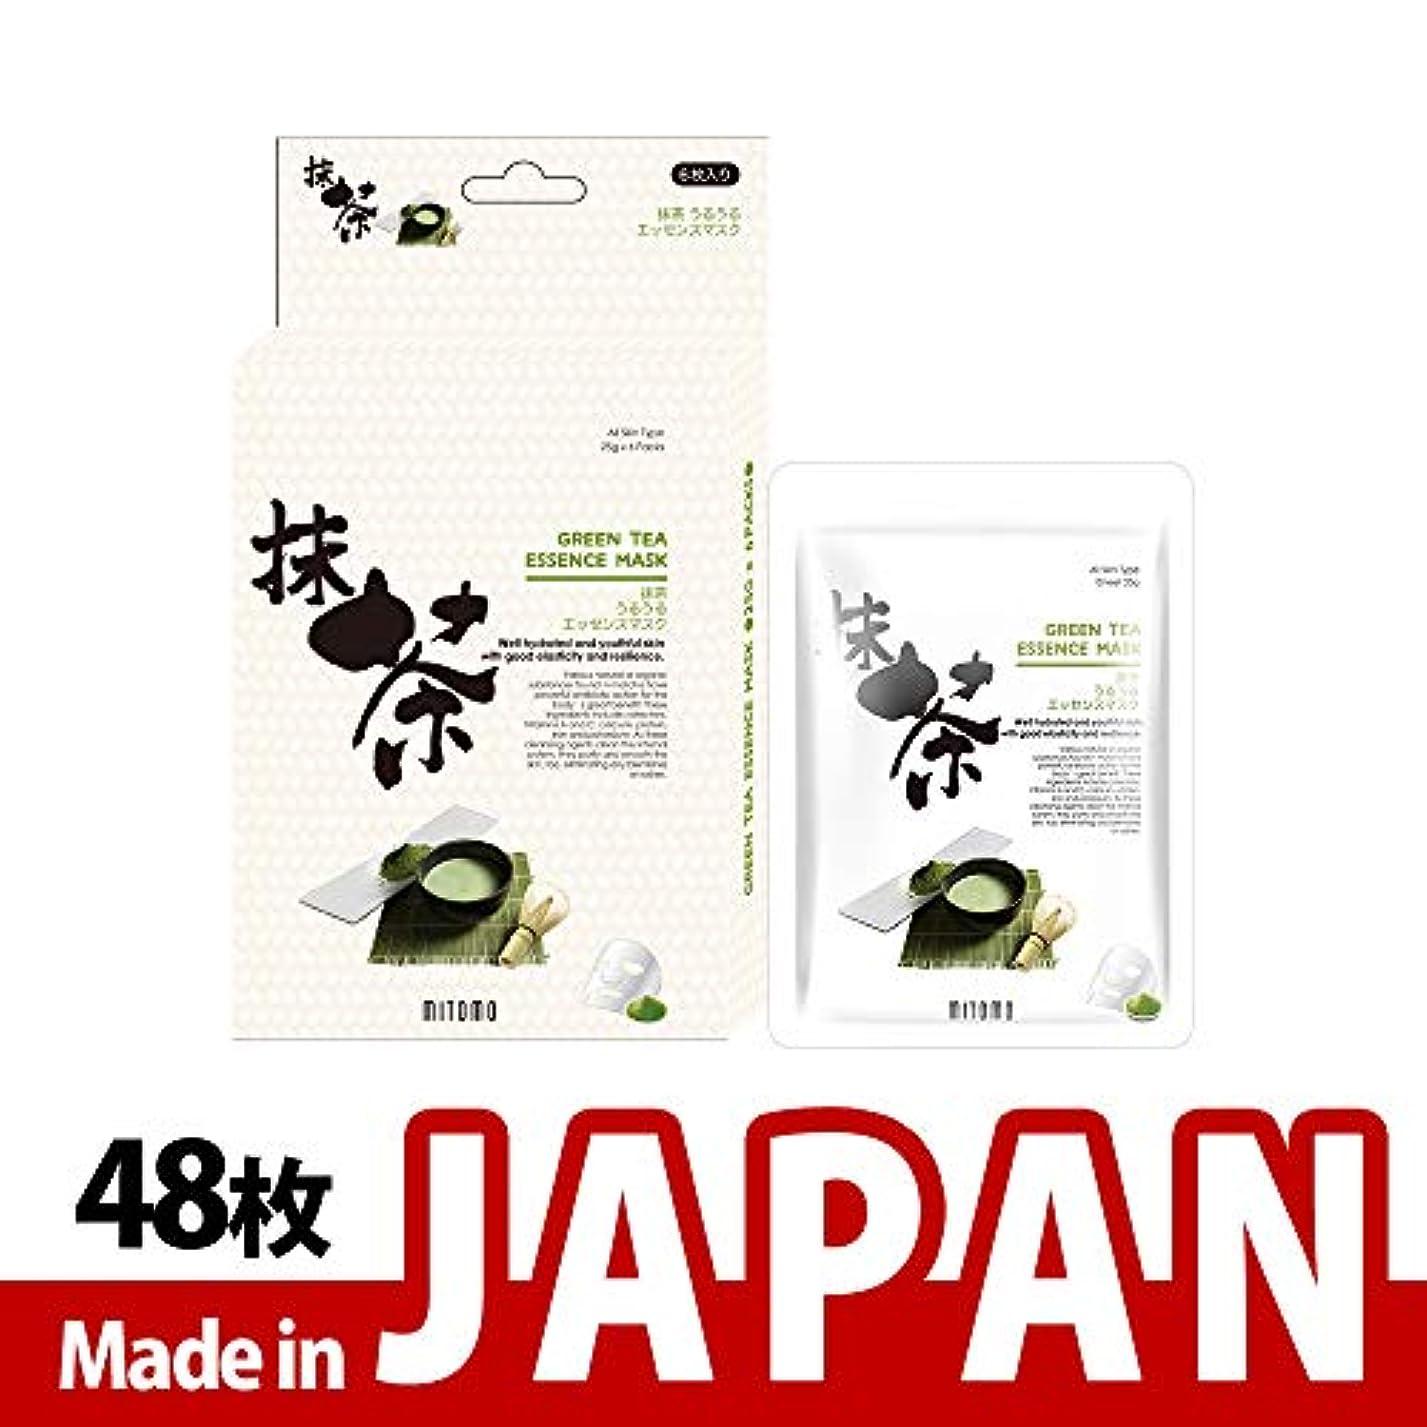 アラブ人興味厄介なMITOMO【JP512-C-0】日本製シートマスク/6枚入り/48枚/美容液/マスクパック/送料無料